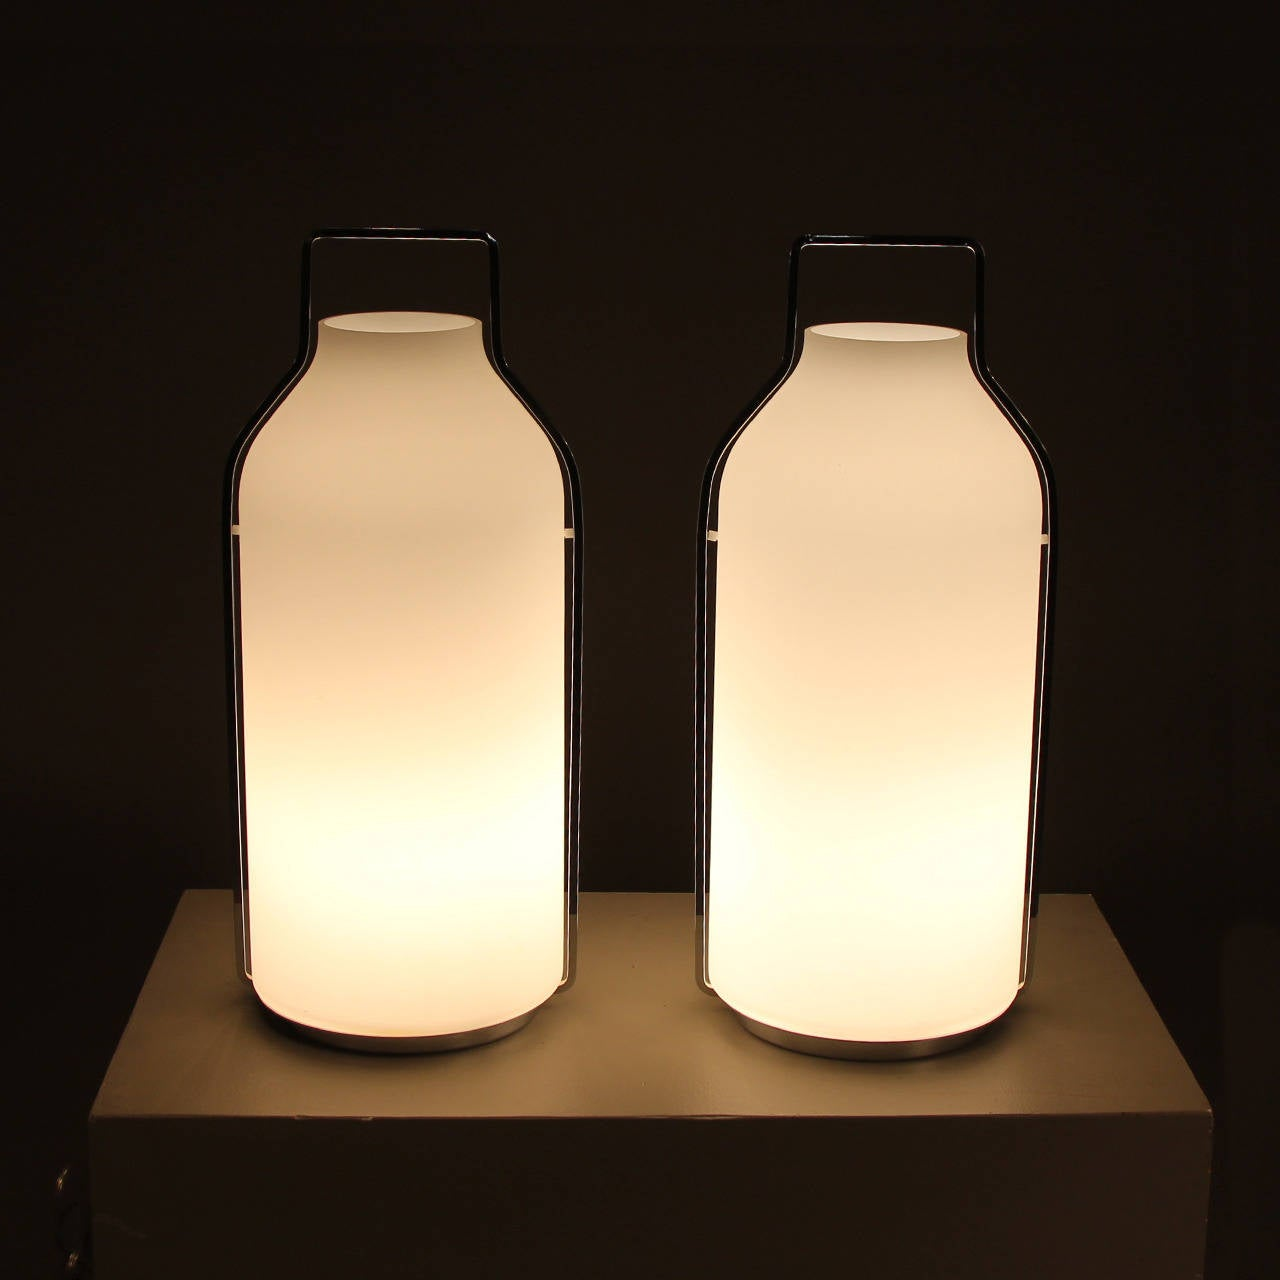 Pair Of Eric Jourdan Somerset Lamps For Ligne Roset At 1stdibs